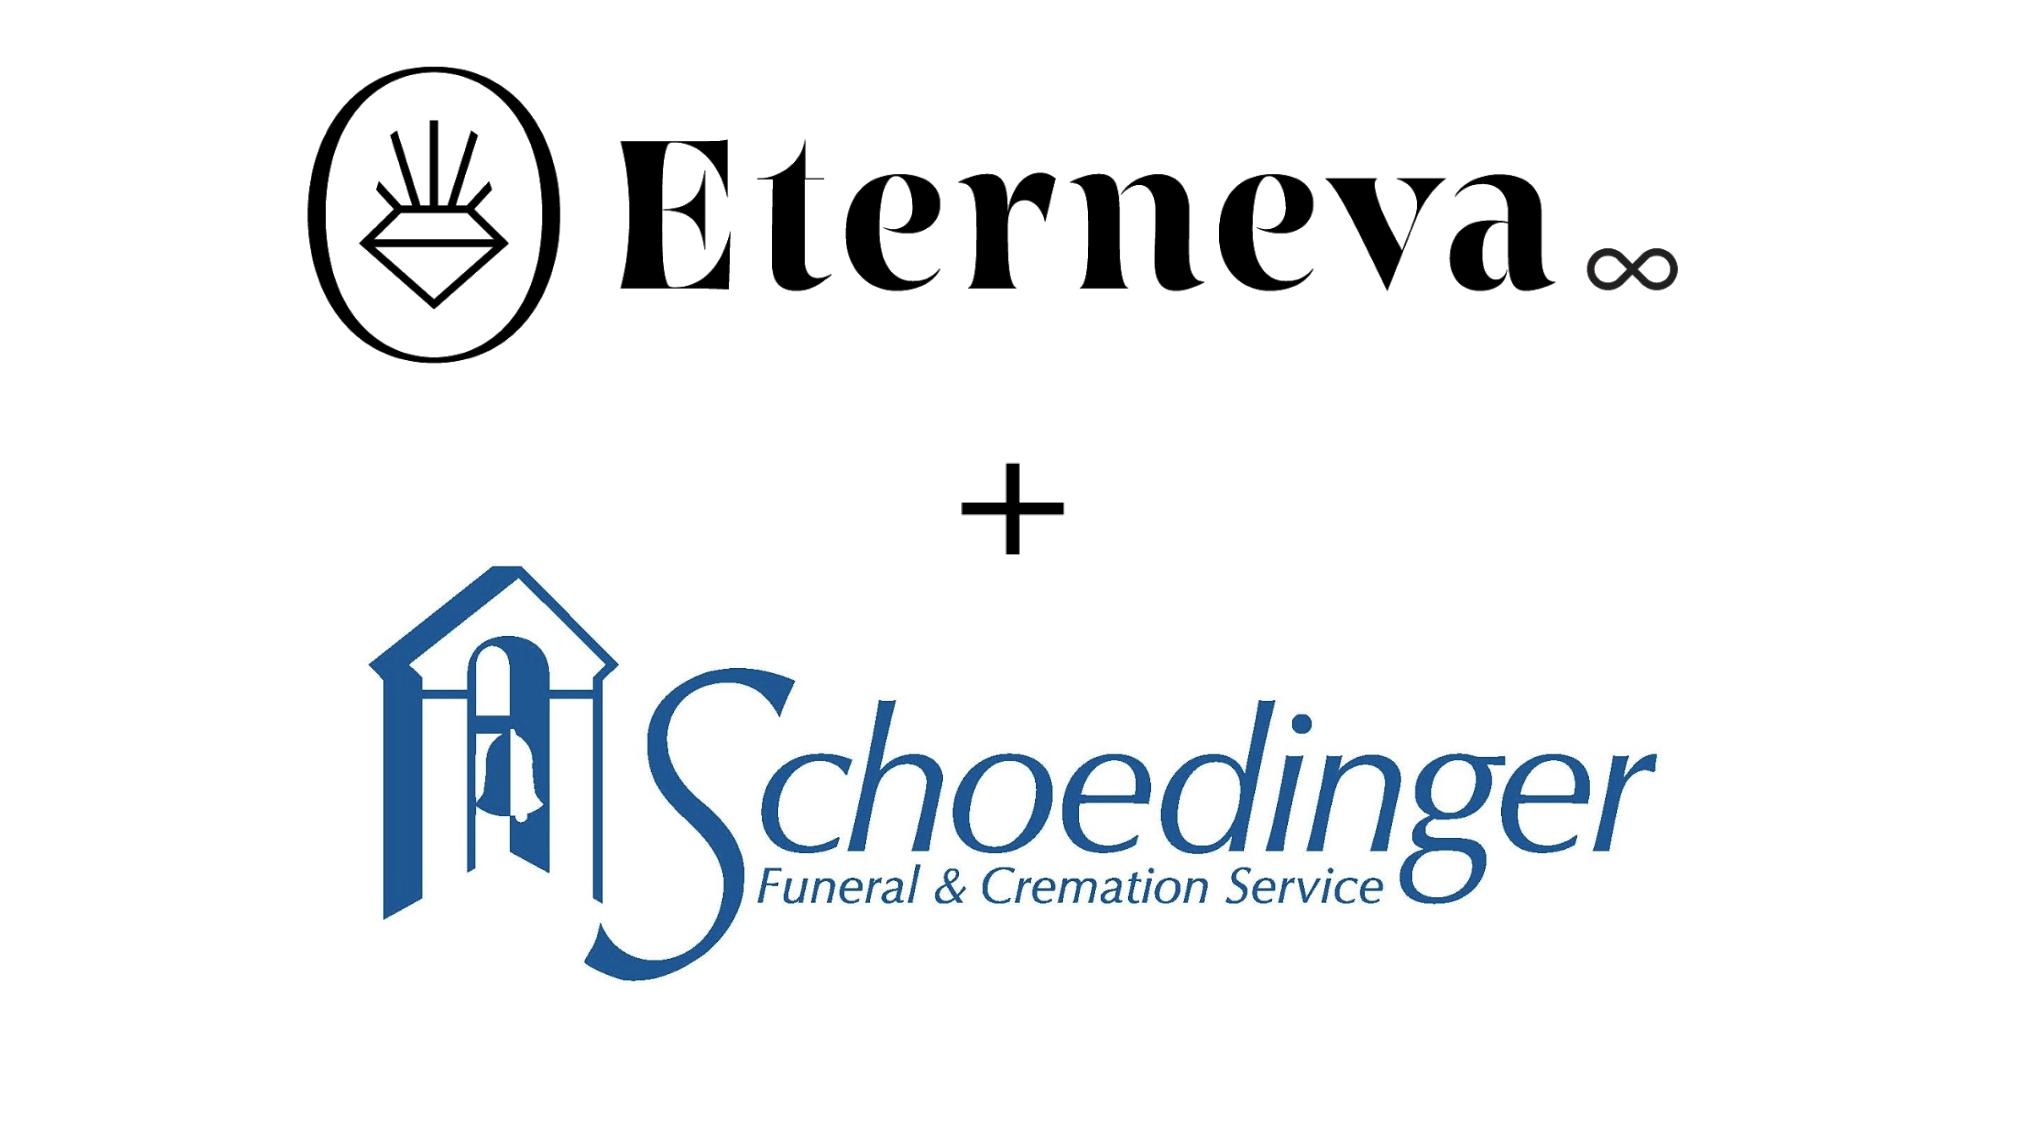 eterneva-schoedinger-partnership-hero-release.png